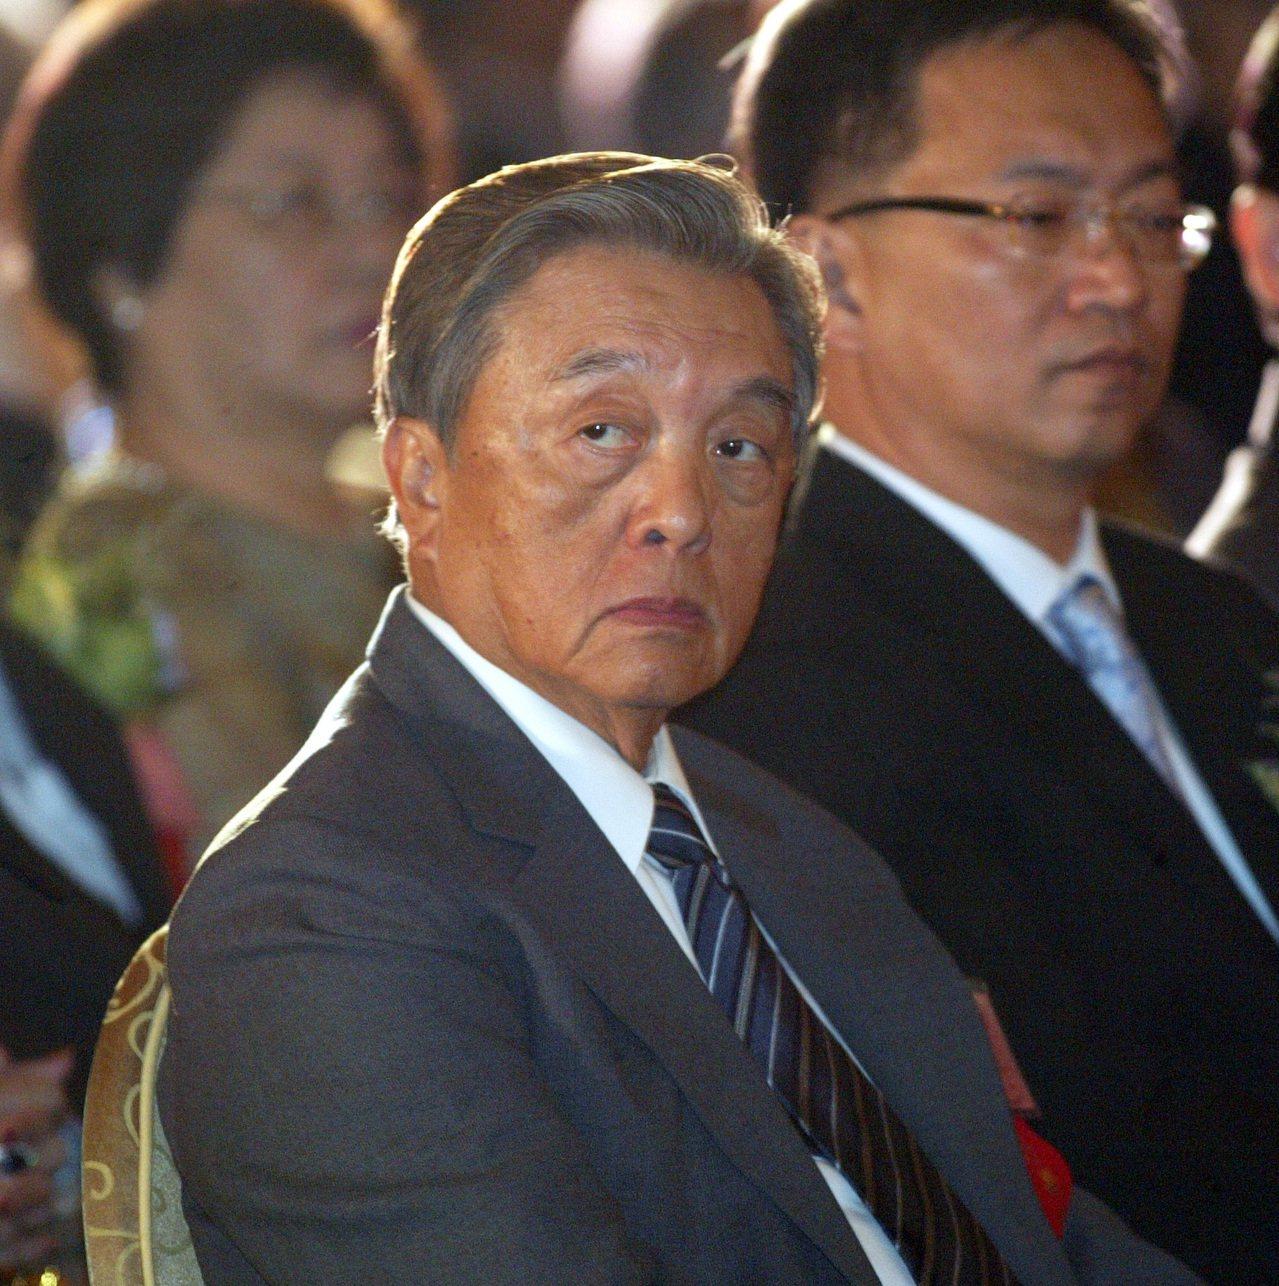 台大名譽教授陳楷模過世,將於12月17日舉行告別式。本報資料照片